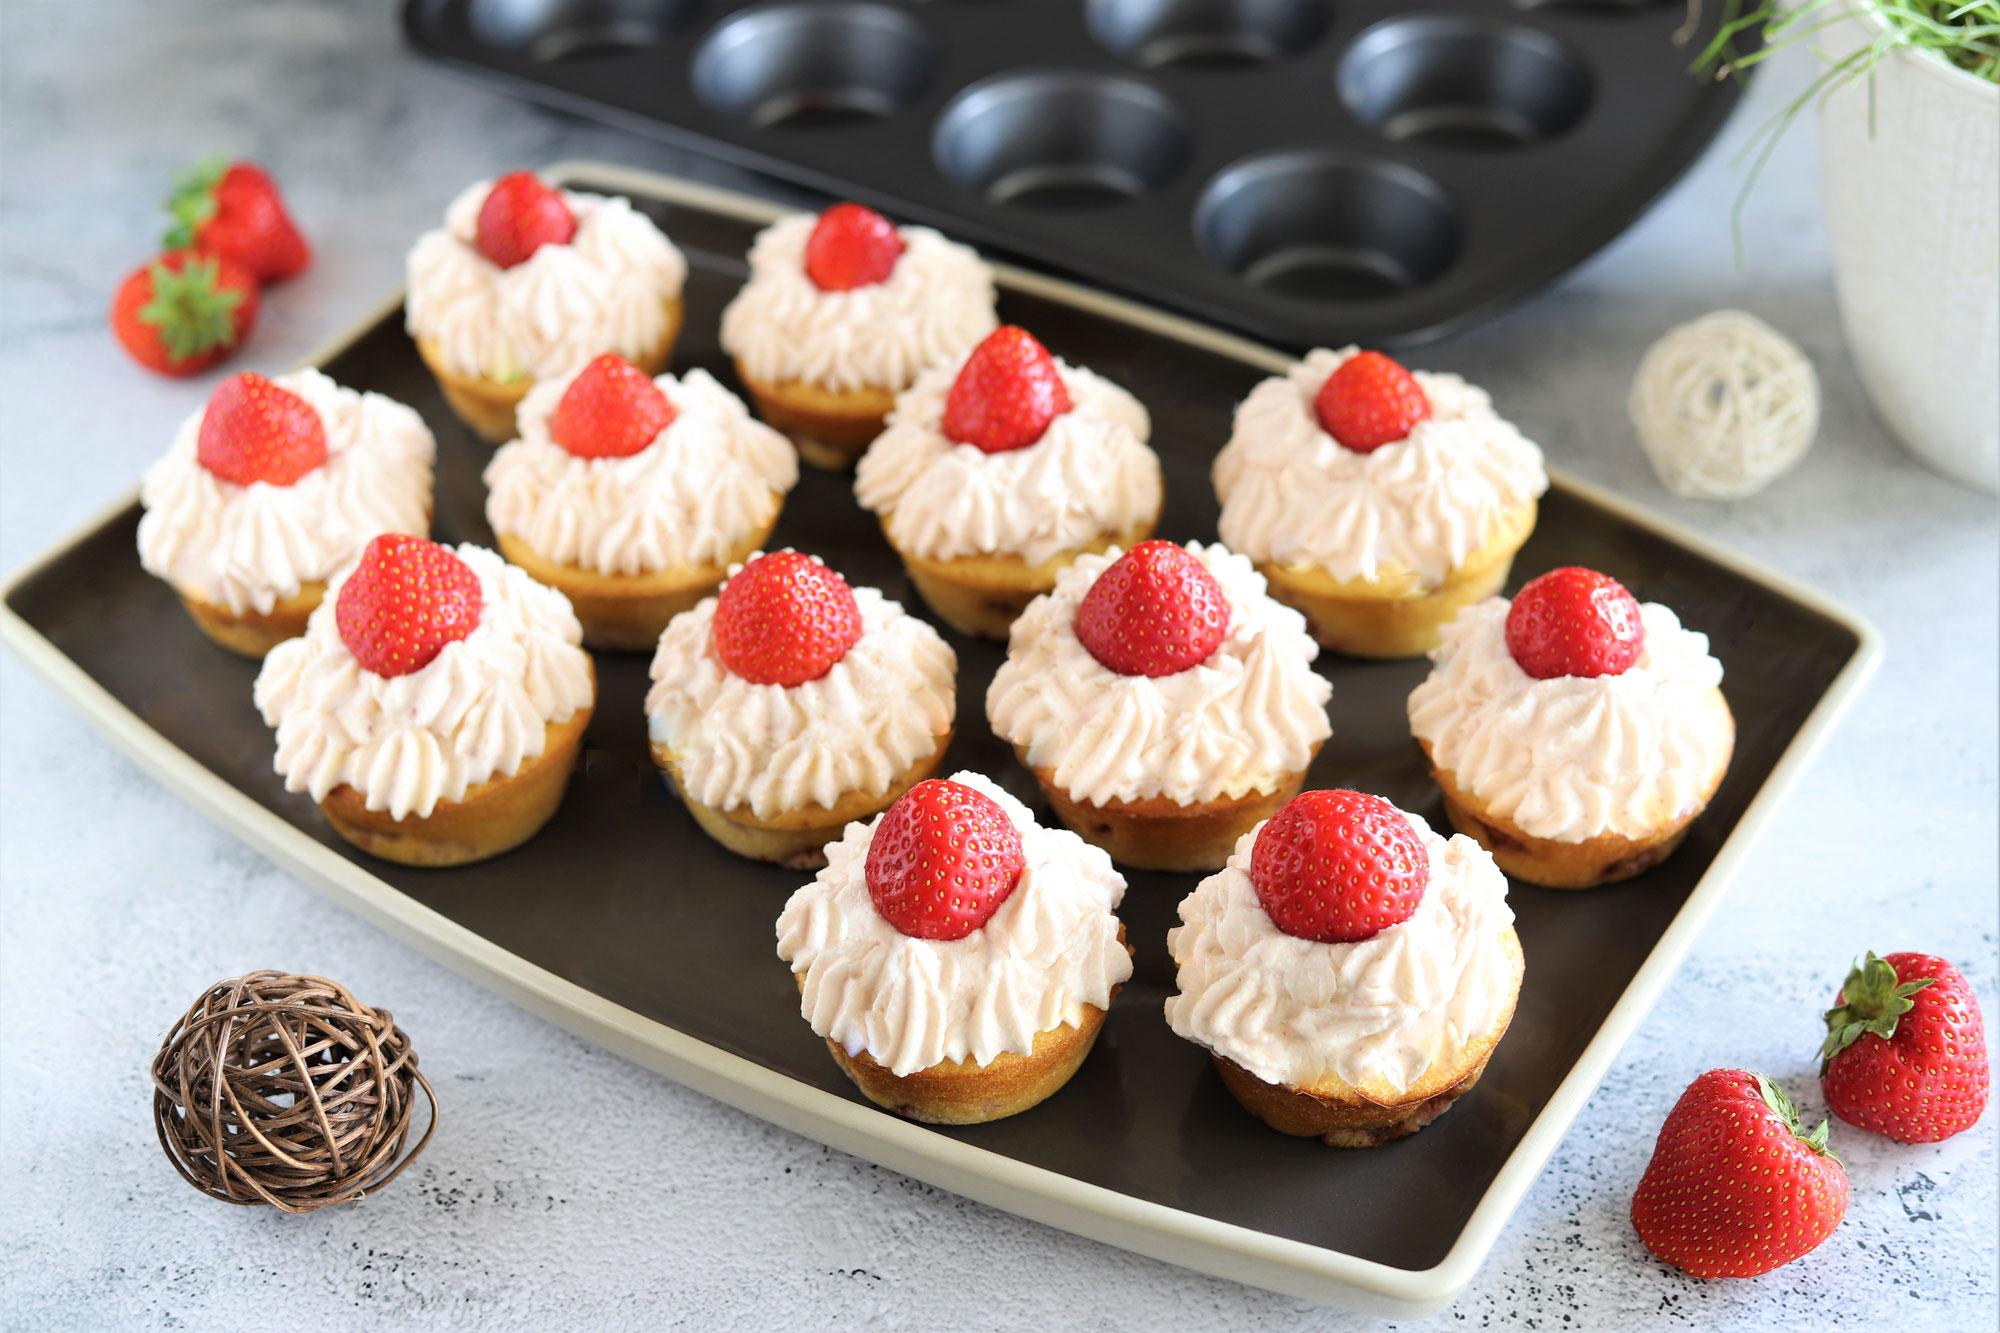 Erdbeer-Cupcakes aus der Muffinform Deluxe von Pampered Chef®